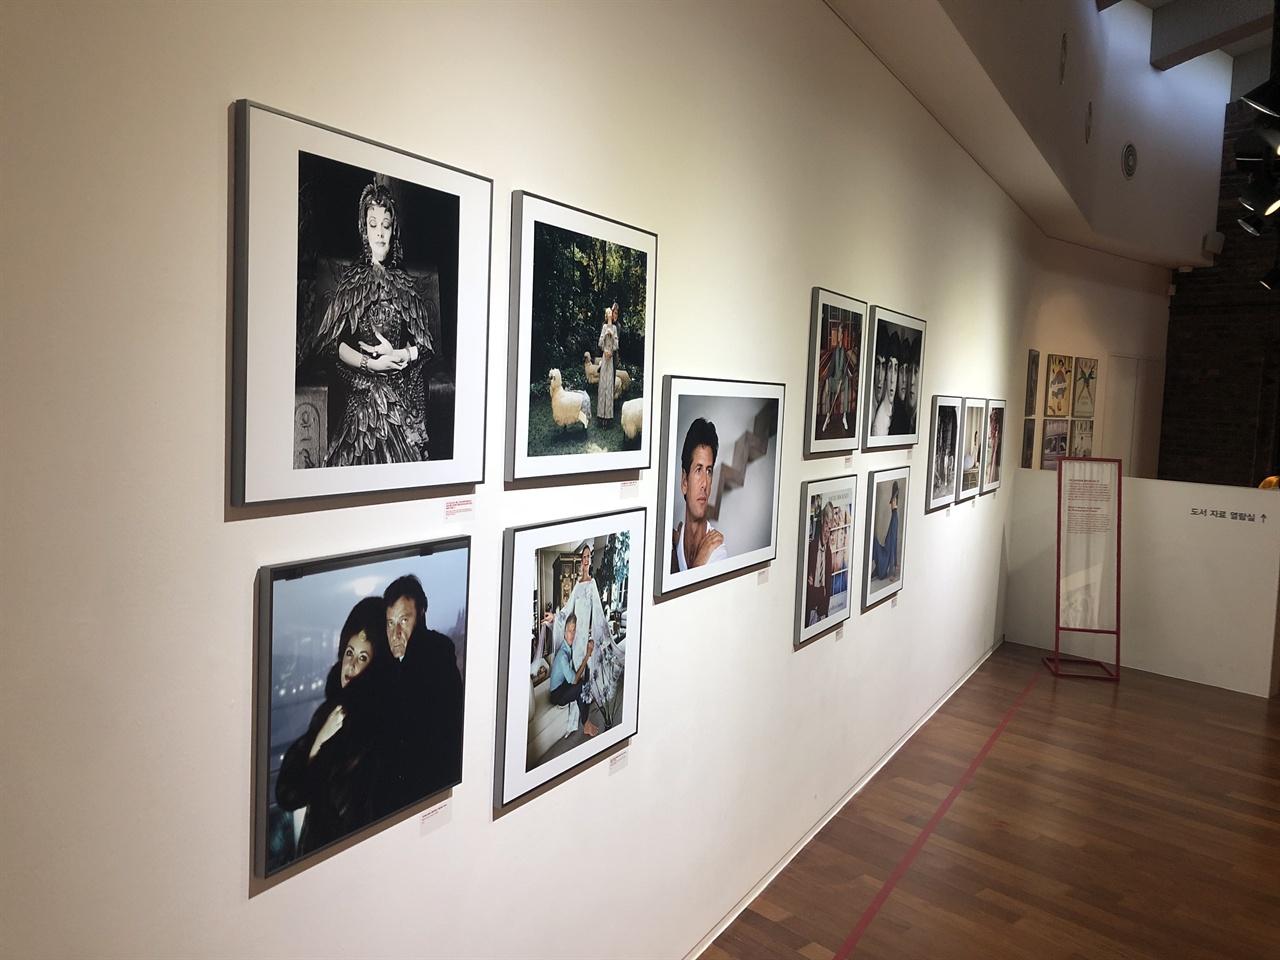 KT&G 상상마당 춘천 아트센터 <노만파킨슨 전> 갤러리 내부